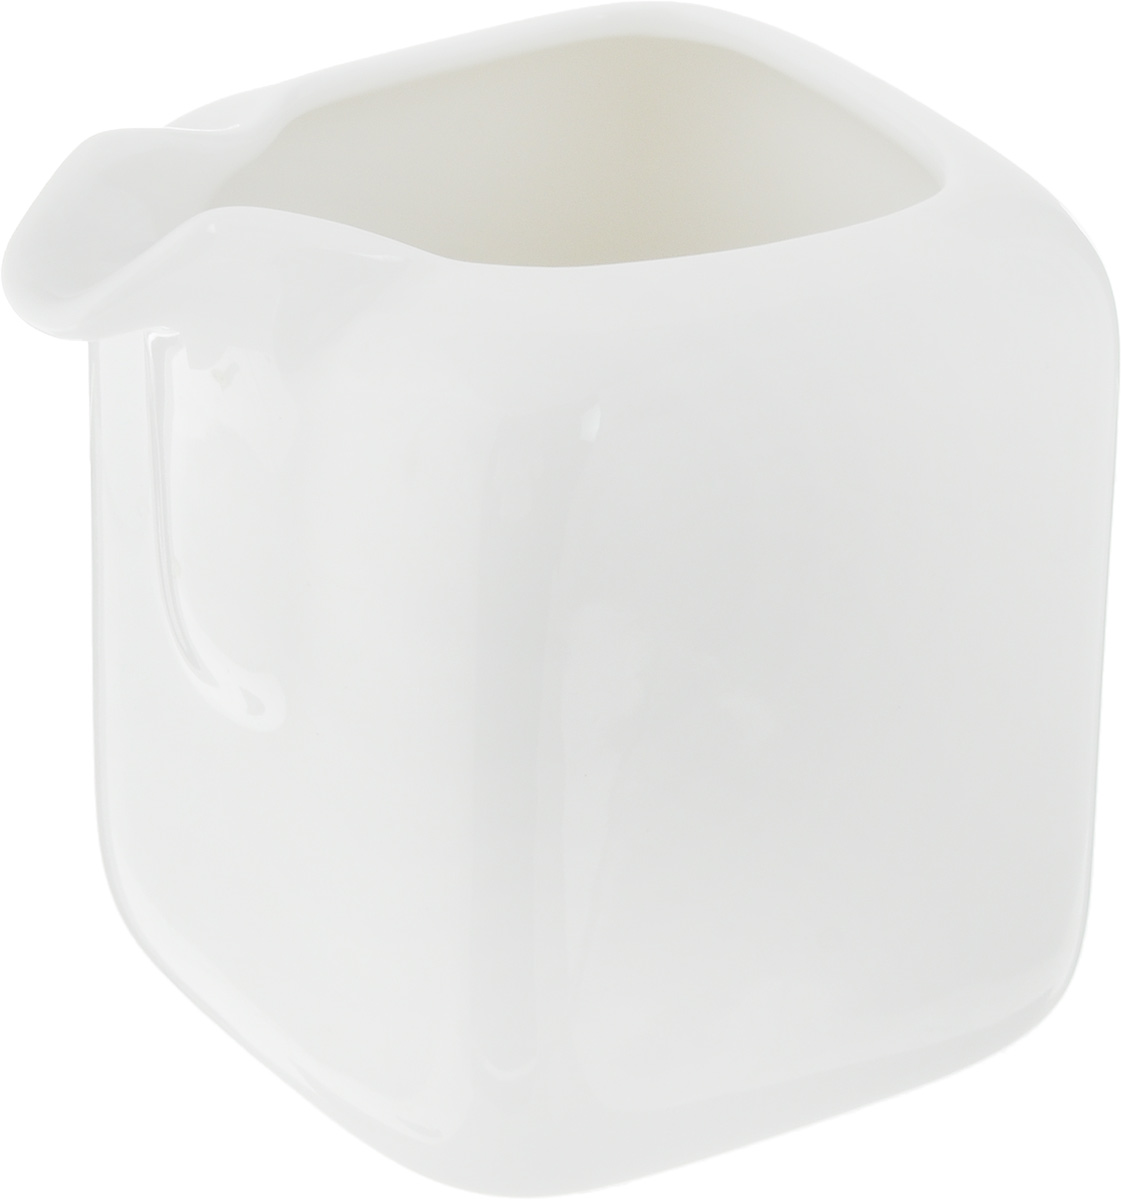 Молочник Ariane Vital Square, 150 мл115510Молочник Ariane Vital Square изготовлен из высококачественного фарфора, покрытого глазурью. Изделие предназначено для сервировки сливок или молока. Такой молочник отлично подойдет как для праздничного чаепития, так и для повседневного использования. Изделие функциональное, практичное и легкое в уходе. Размеры: 6 х 8 х 8 см.